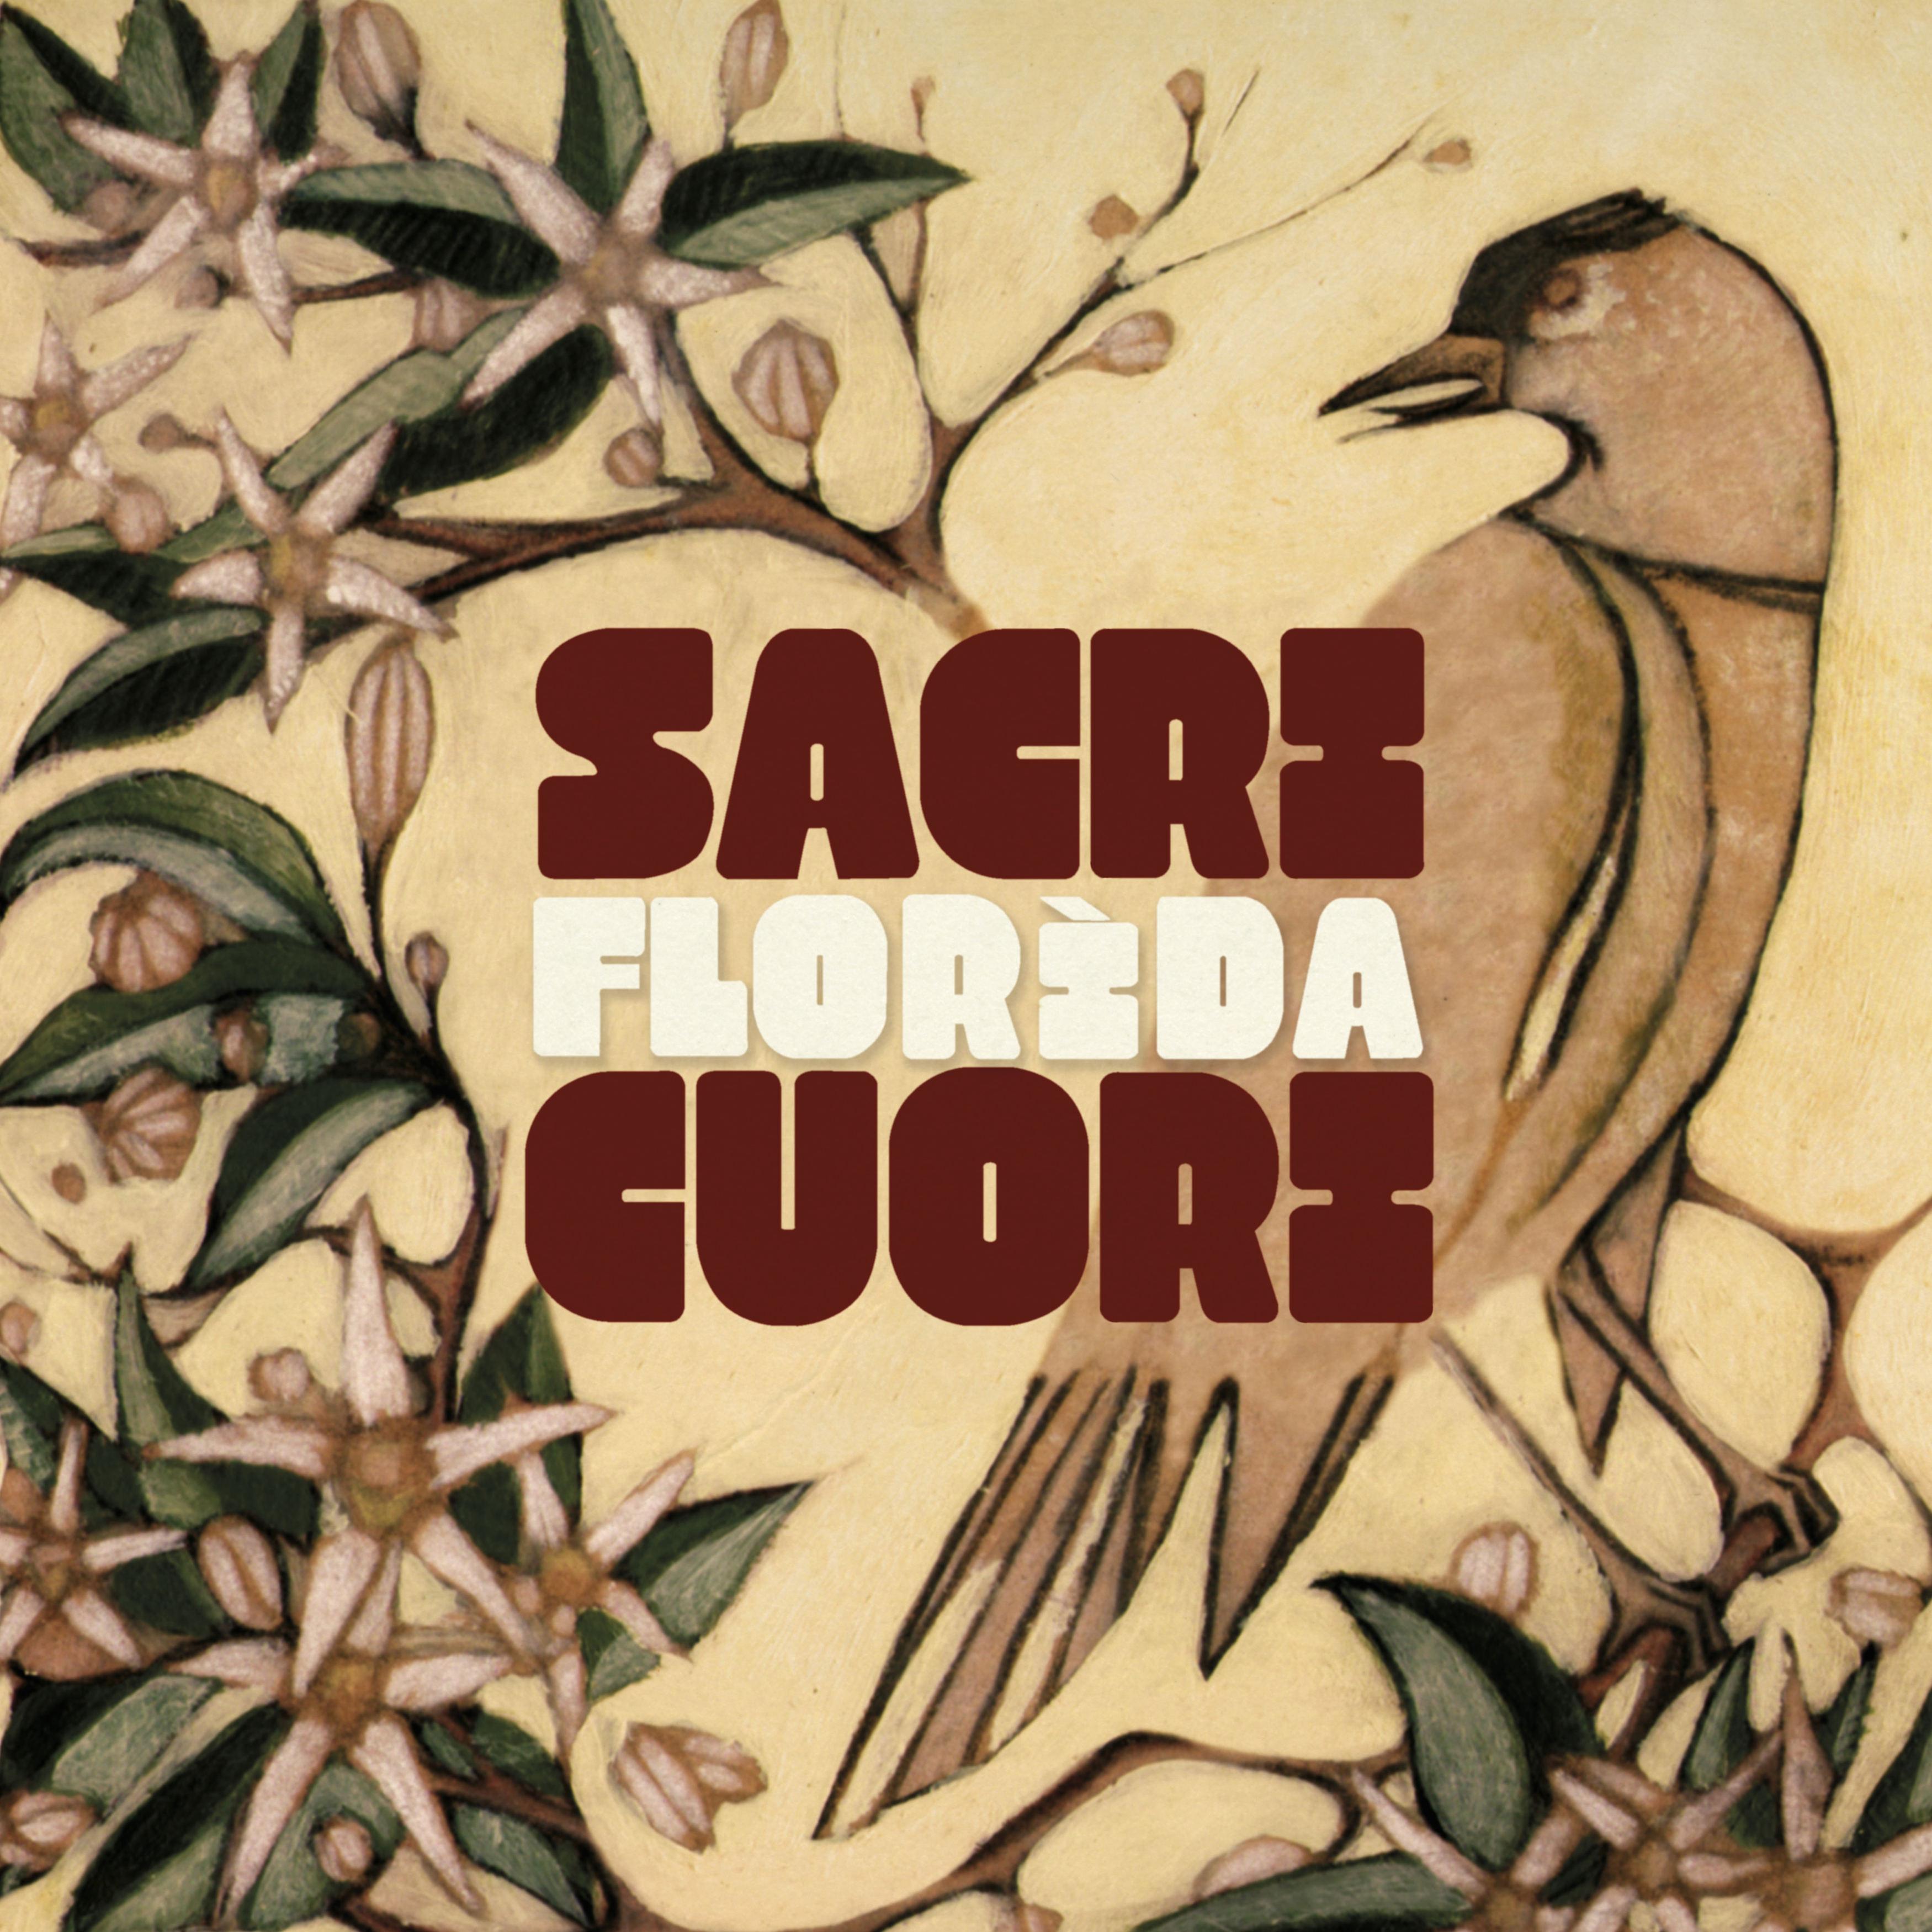 Sacri Cuori Florìda cover small